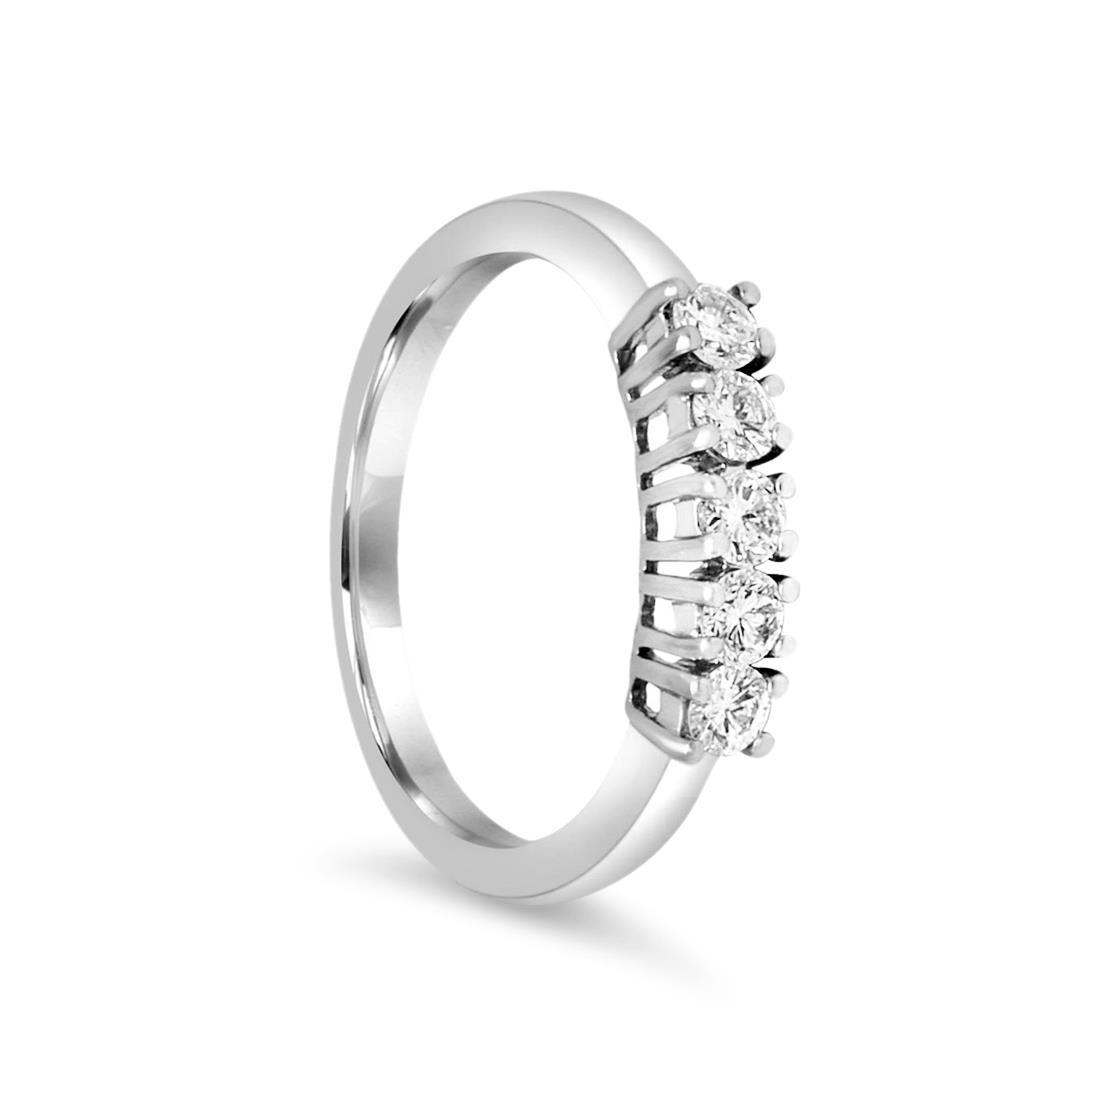 Anello riviere 5 pietre in oro bianco con diamanti 0.40 ct mis 13 - ALFIERI ST JOHN